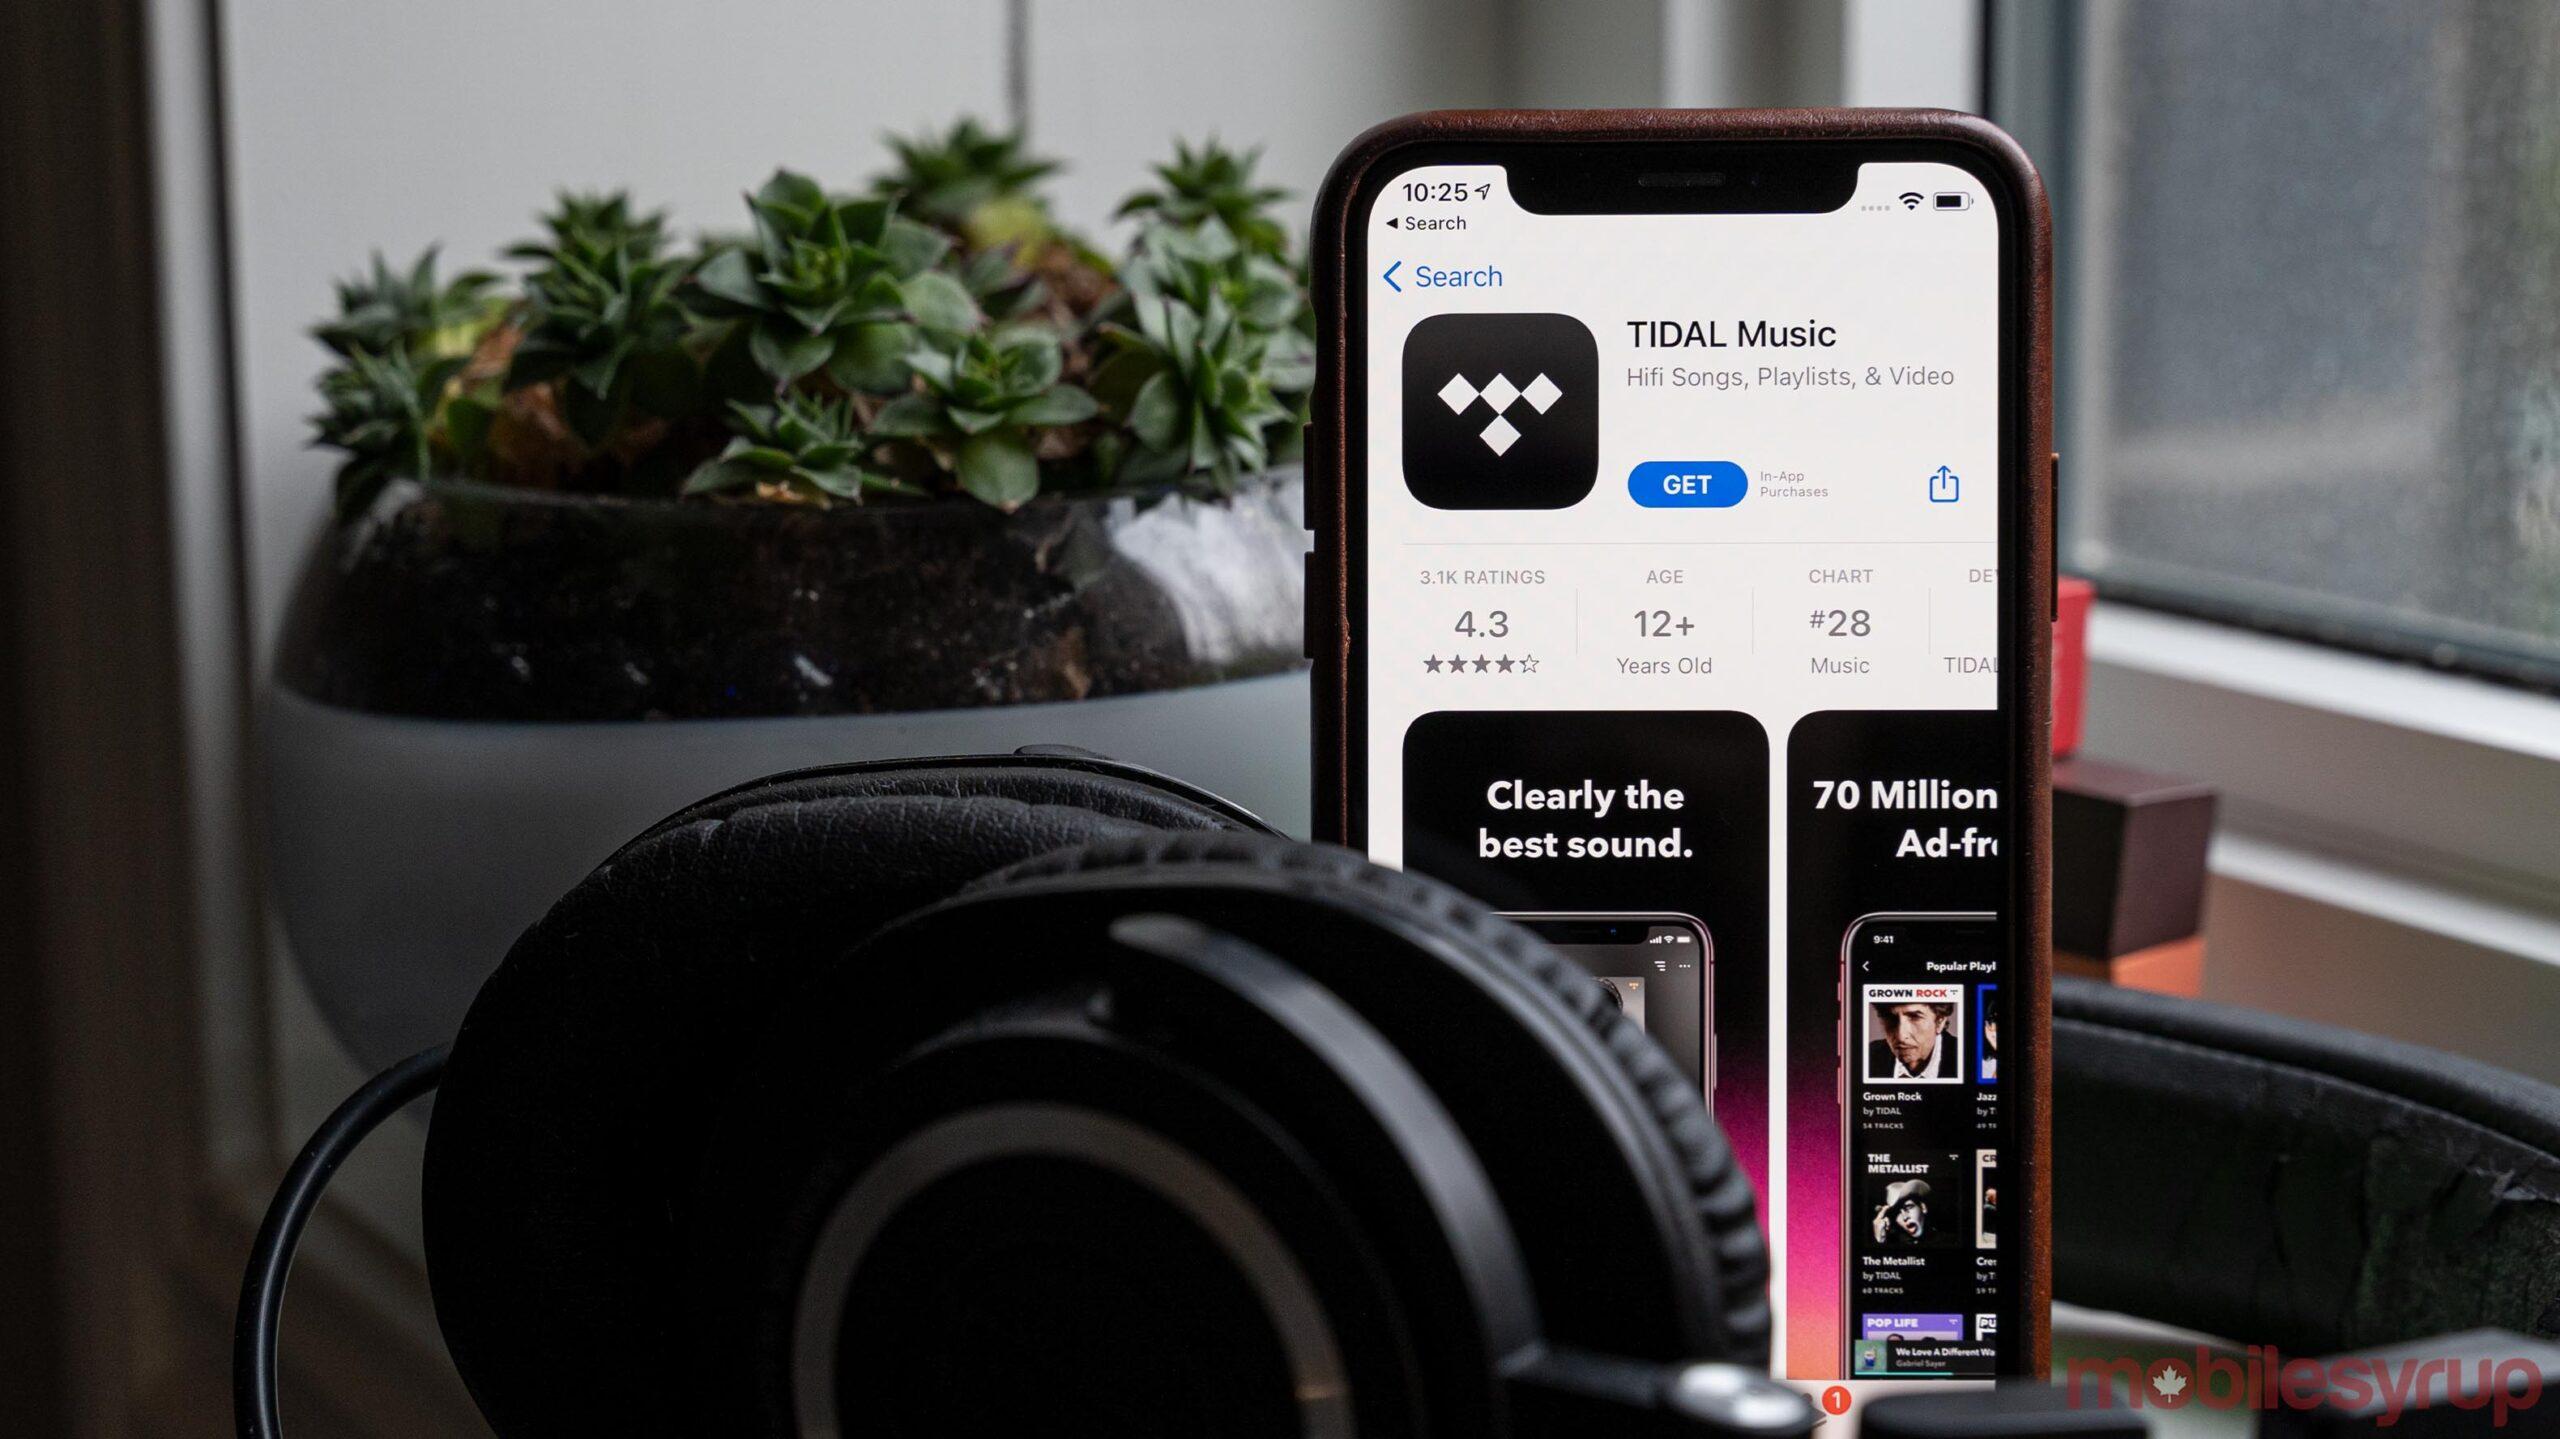 Tidal app on iOS